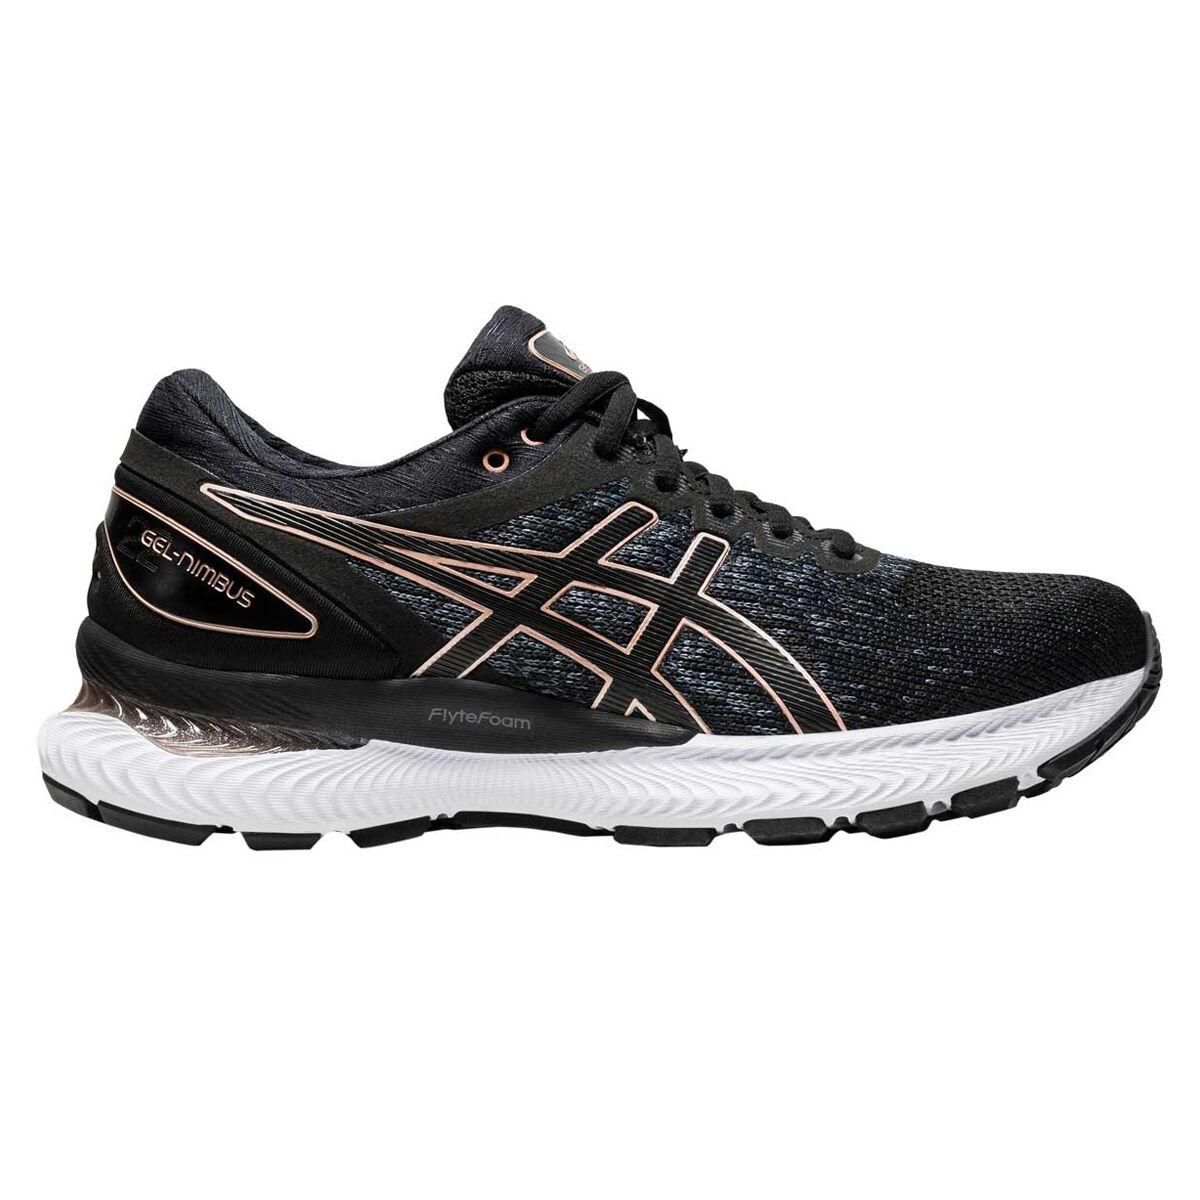 shoes similar to gel nimbus